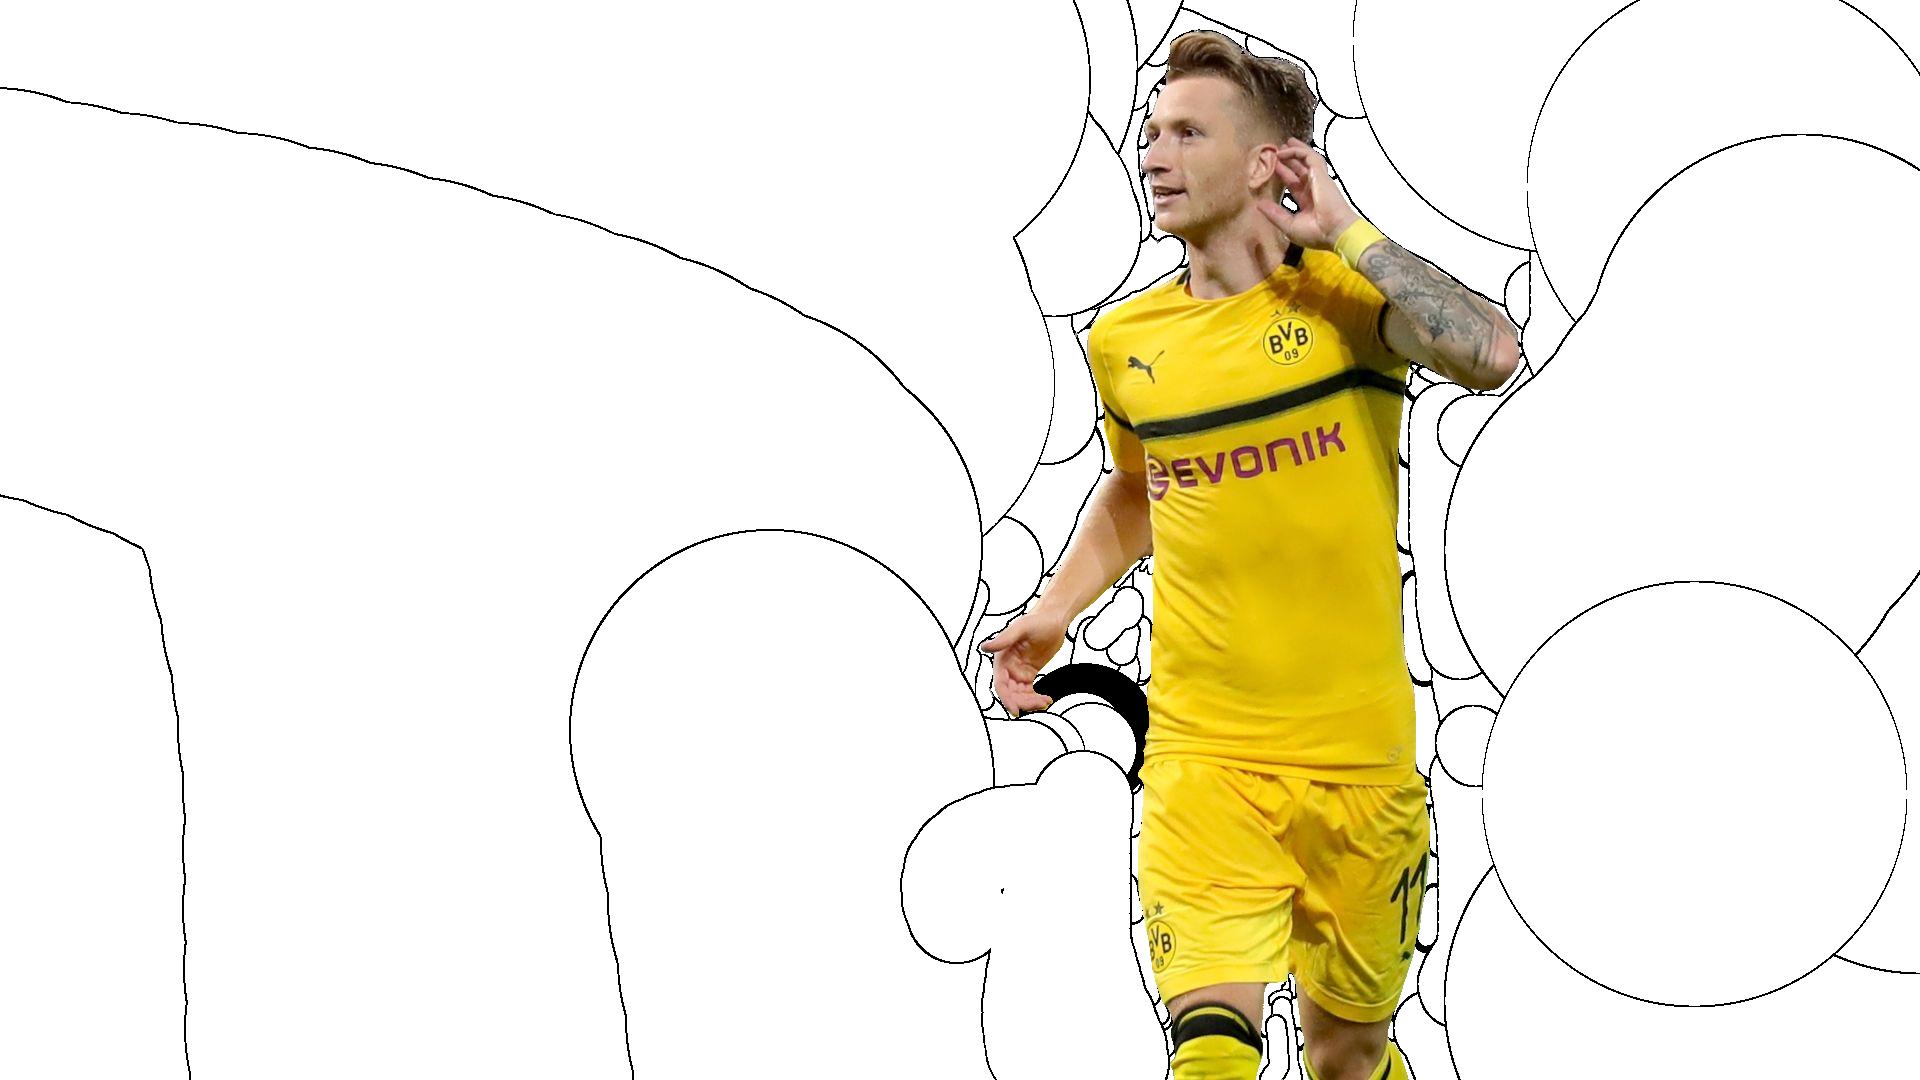 Reus Render Borussia Dortmund By Tychorenders On Deviantart